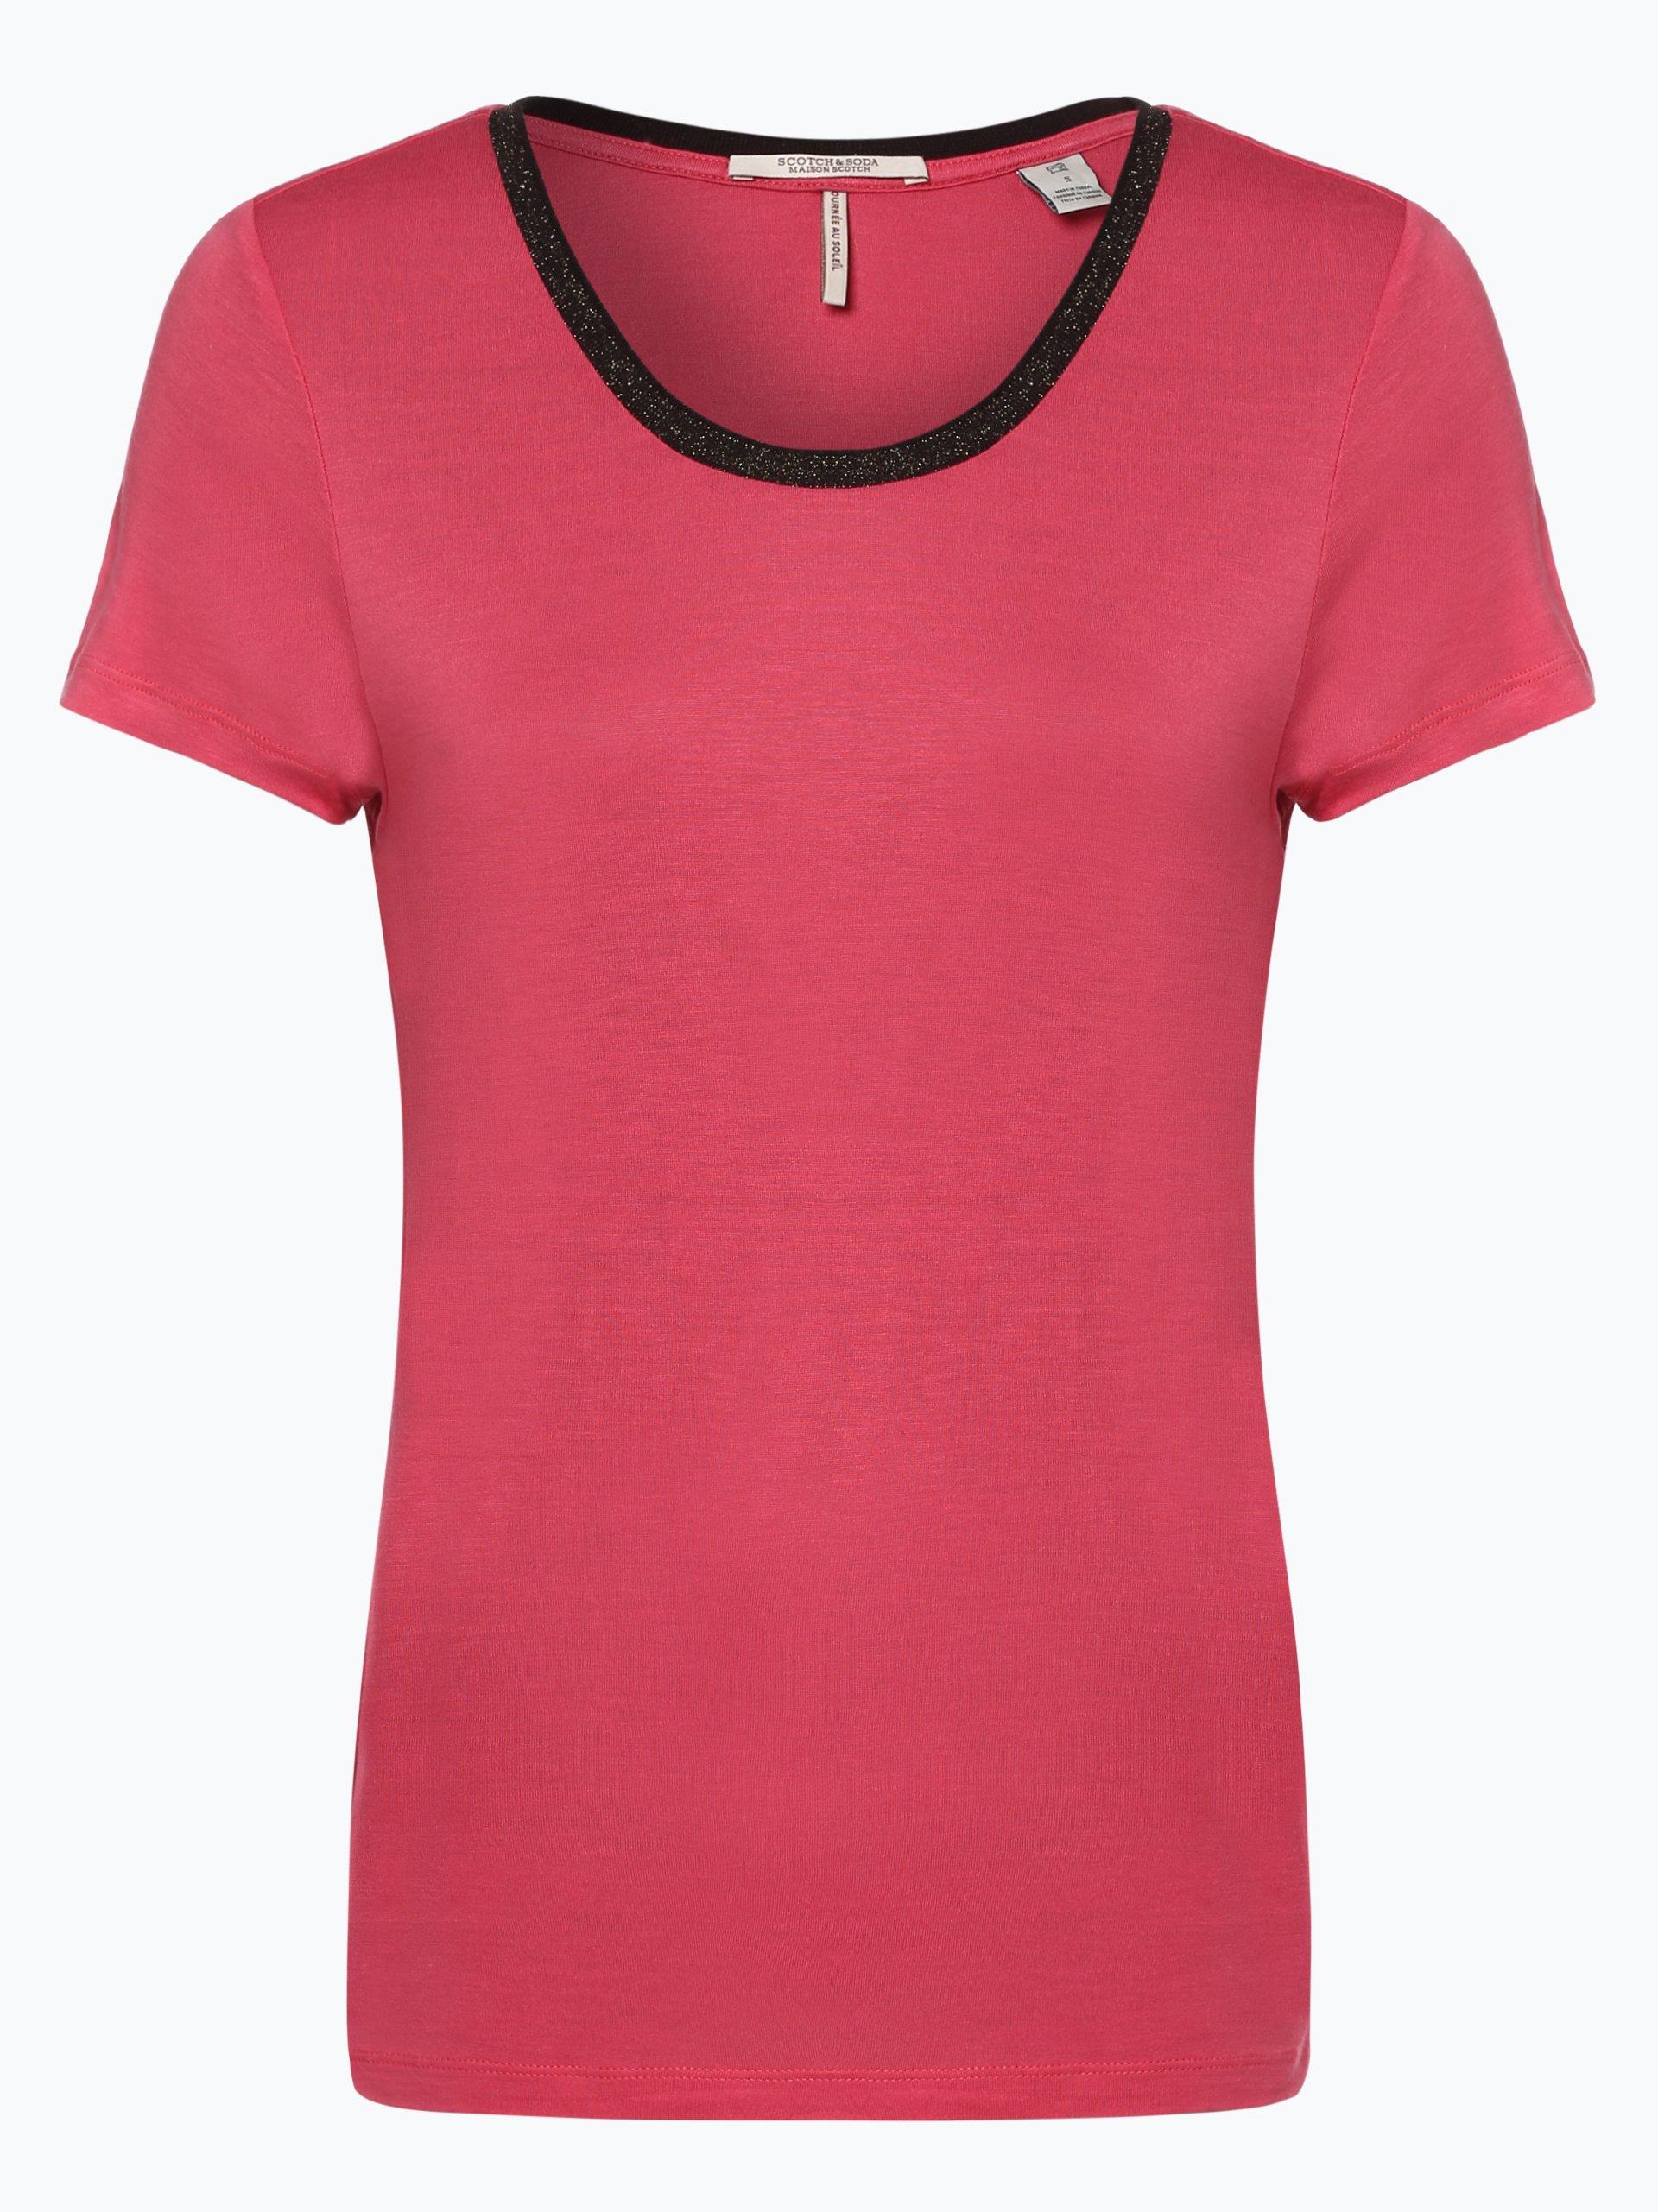 Scotch & Soda Damen T-Shirt